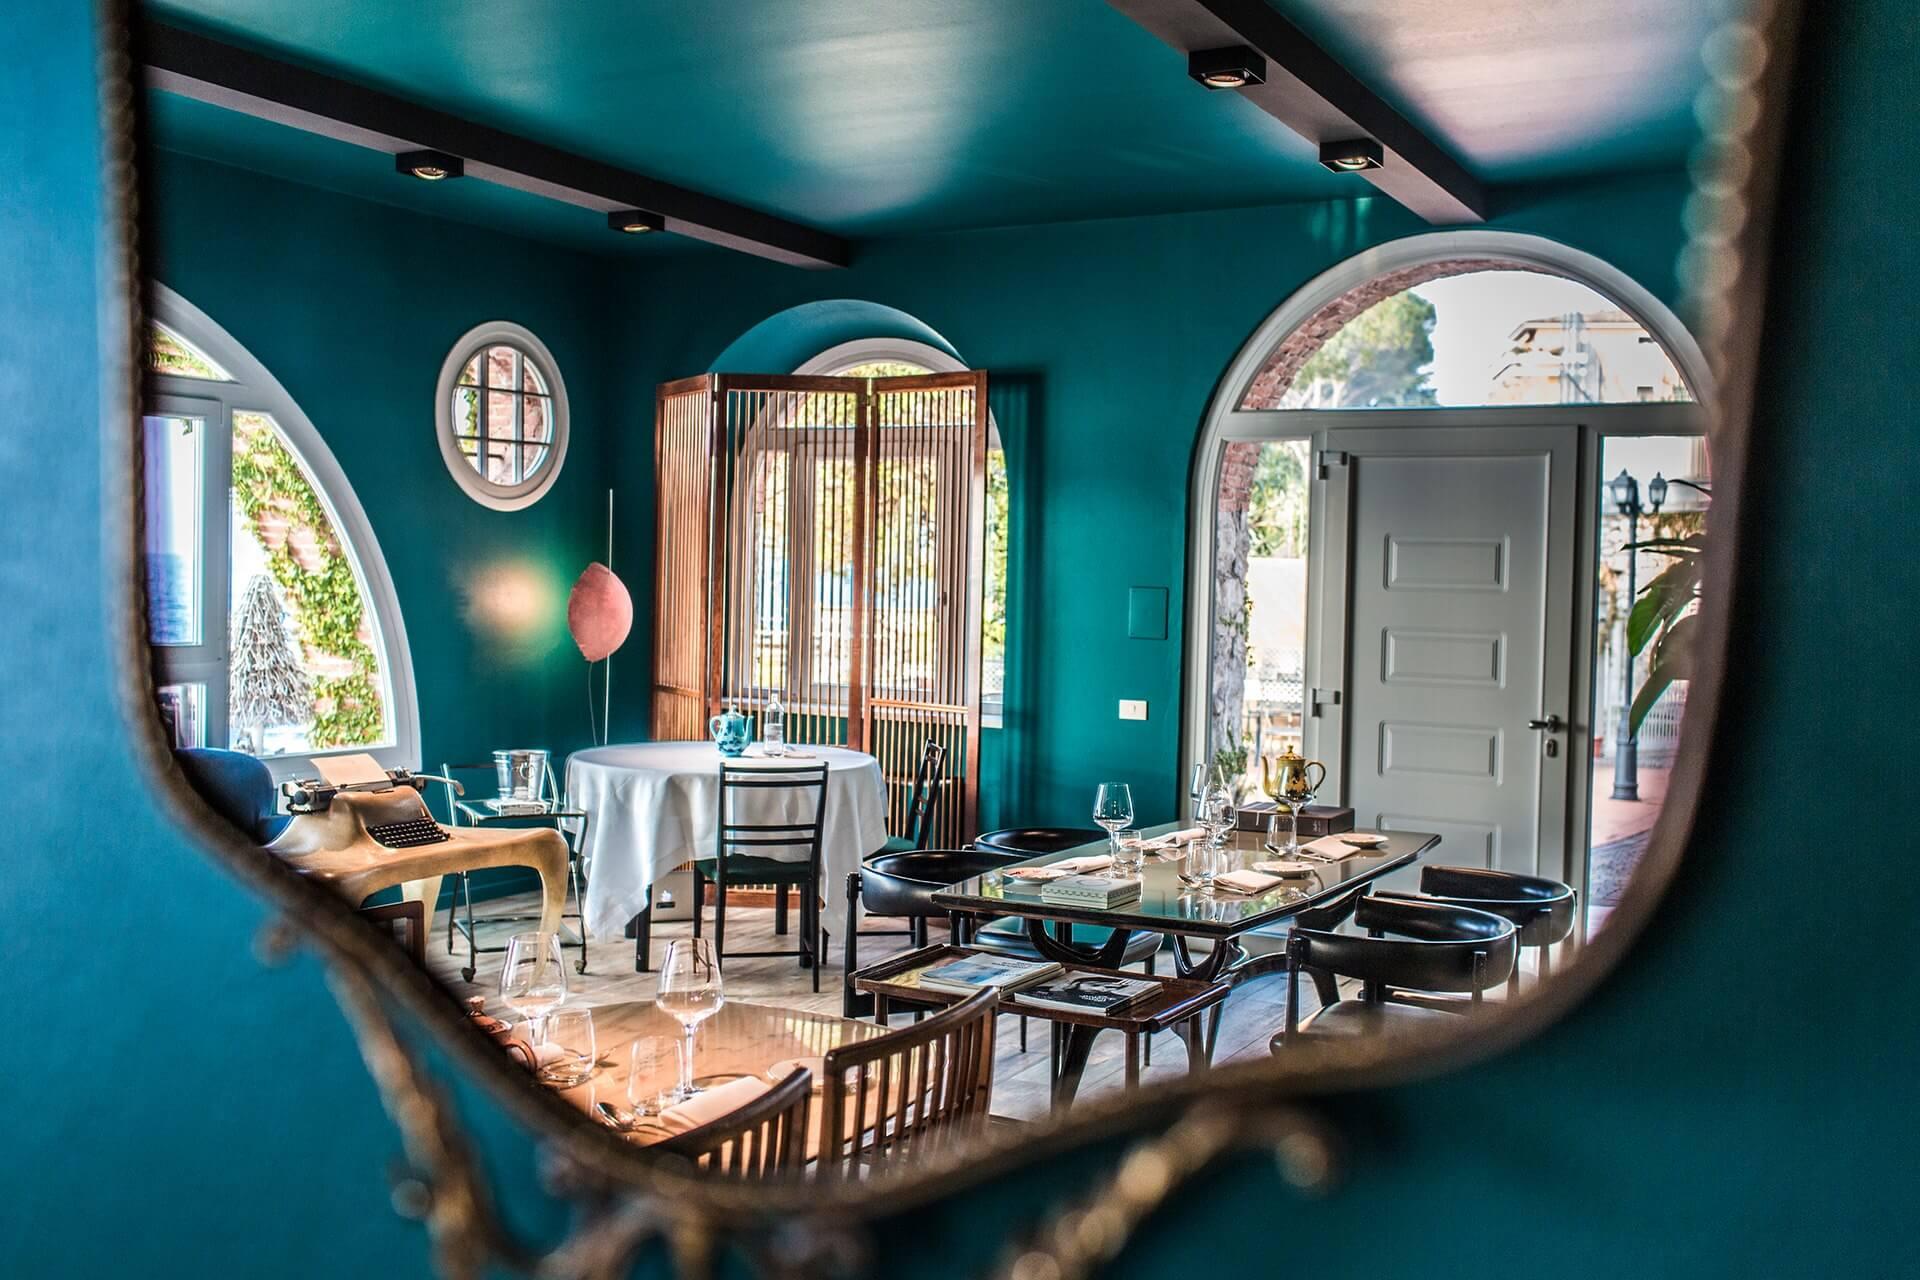 lido 84 ristorante camanini guida espresso 2019 GITA AL LAGO